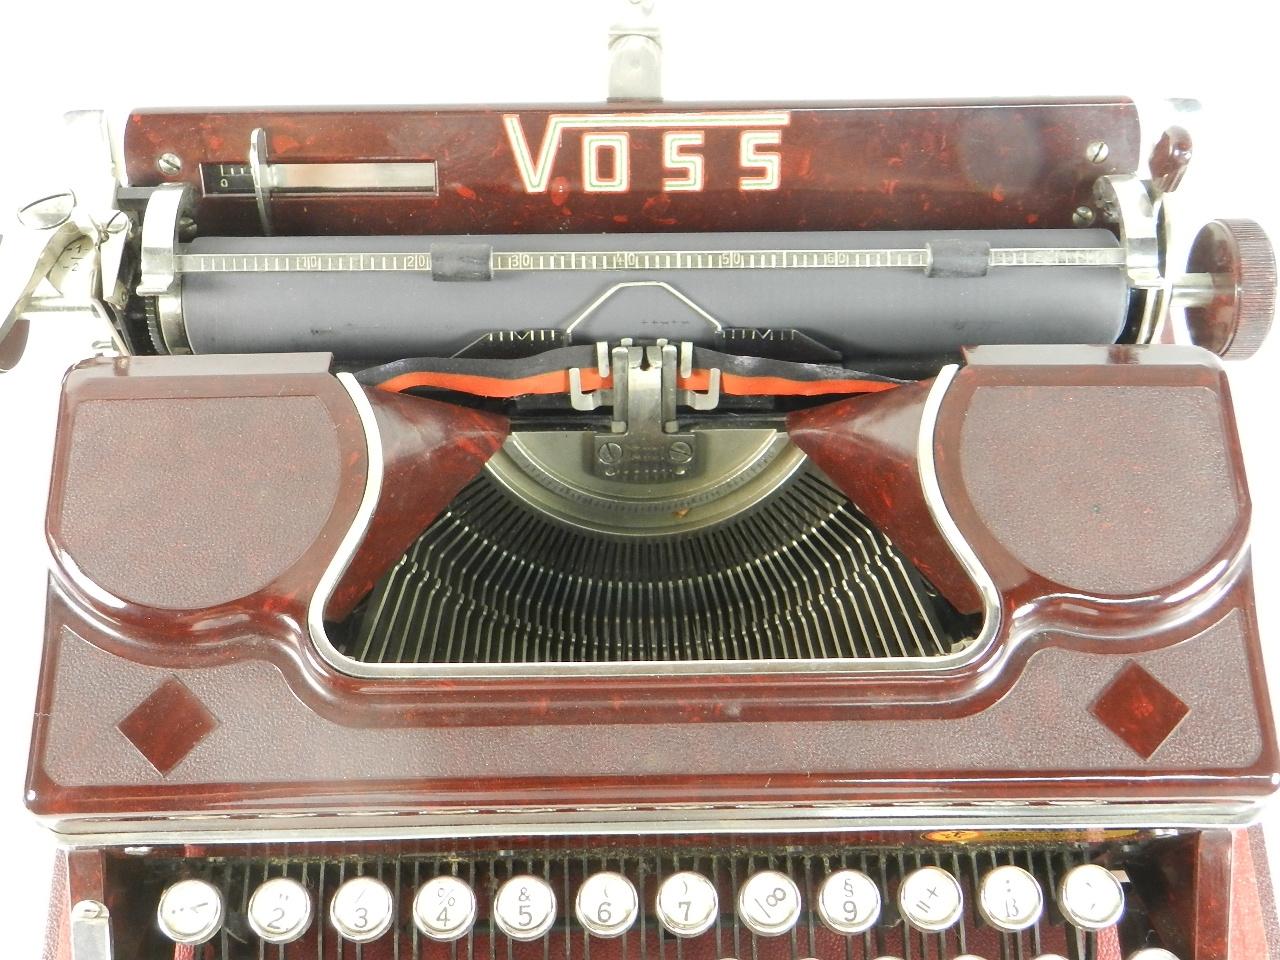 Imagen VOSS AÑO 1950  BAQUELITA ROJA 29635